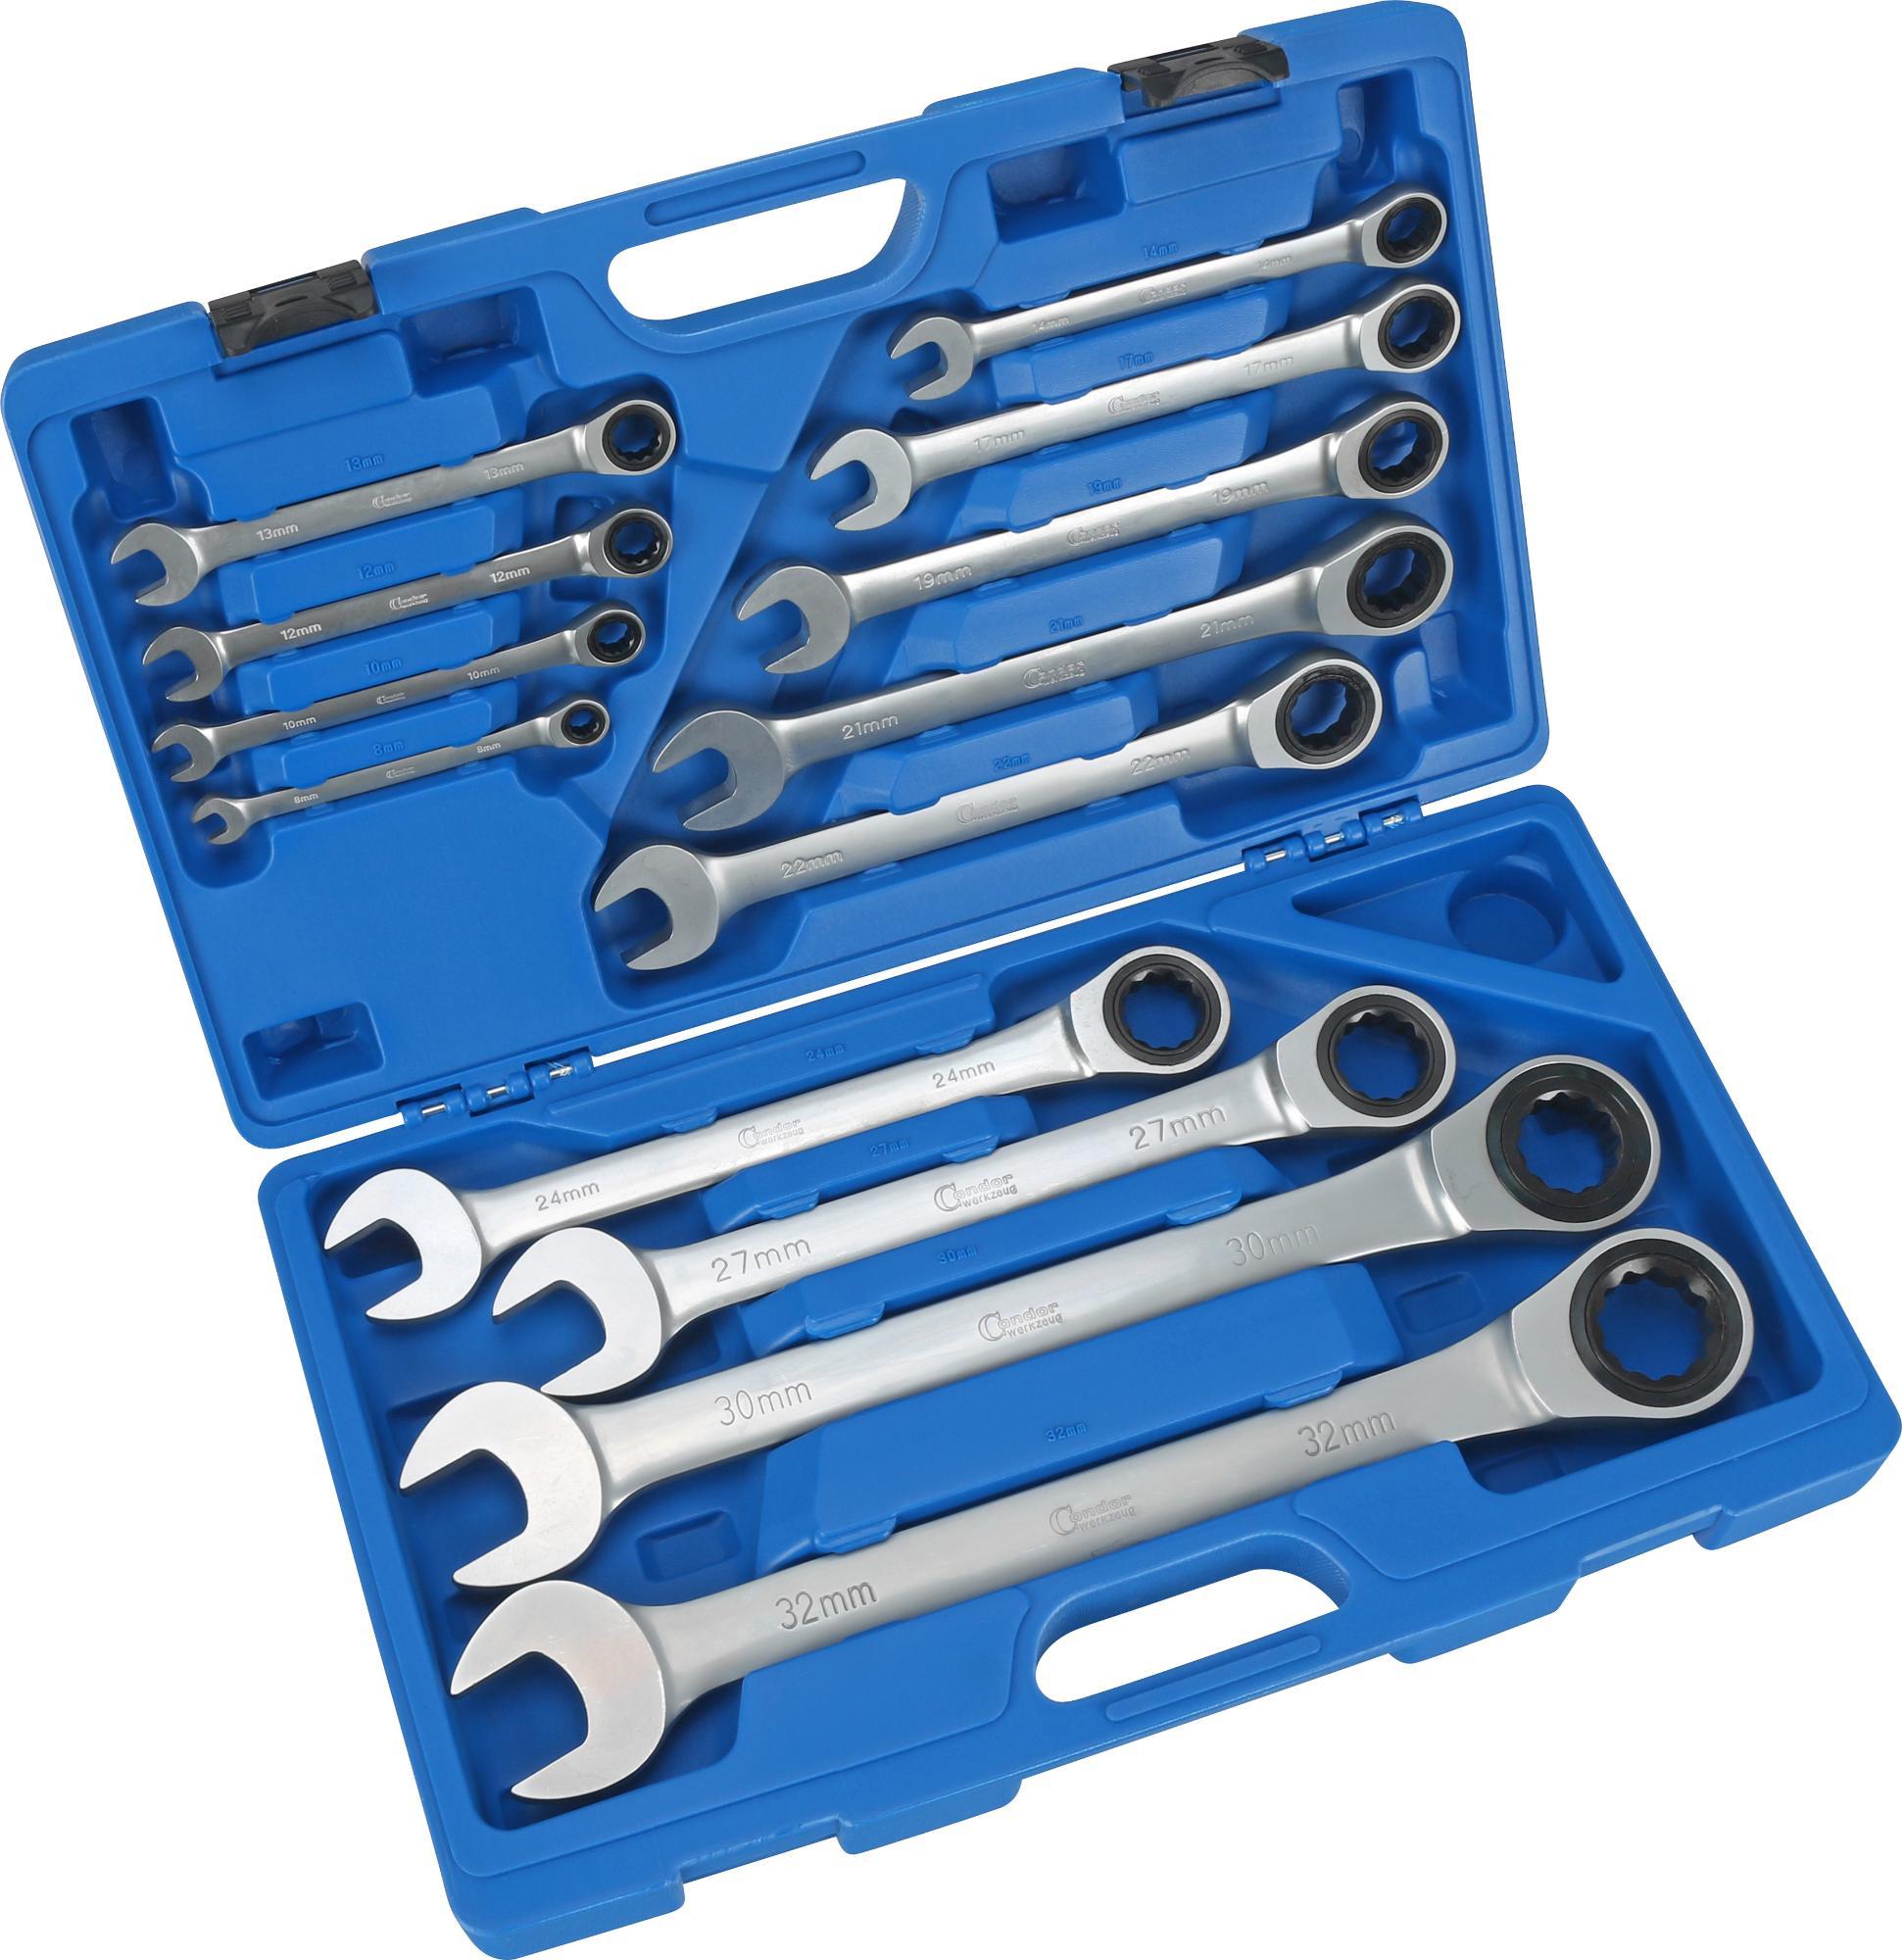 Sada račňových kľúčov očko-vidlica, 13-dielna., 8-32 mm